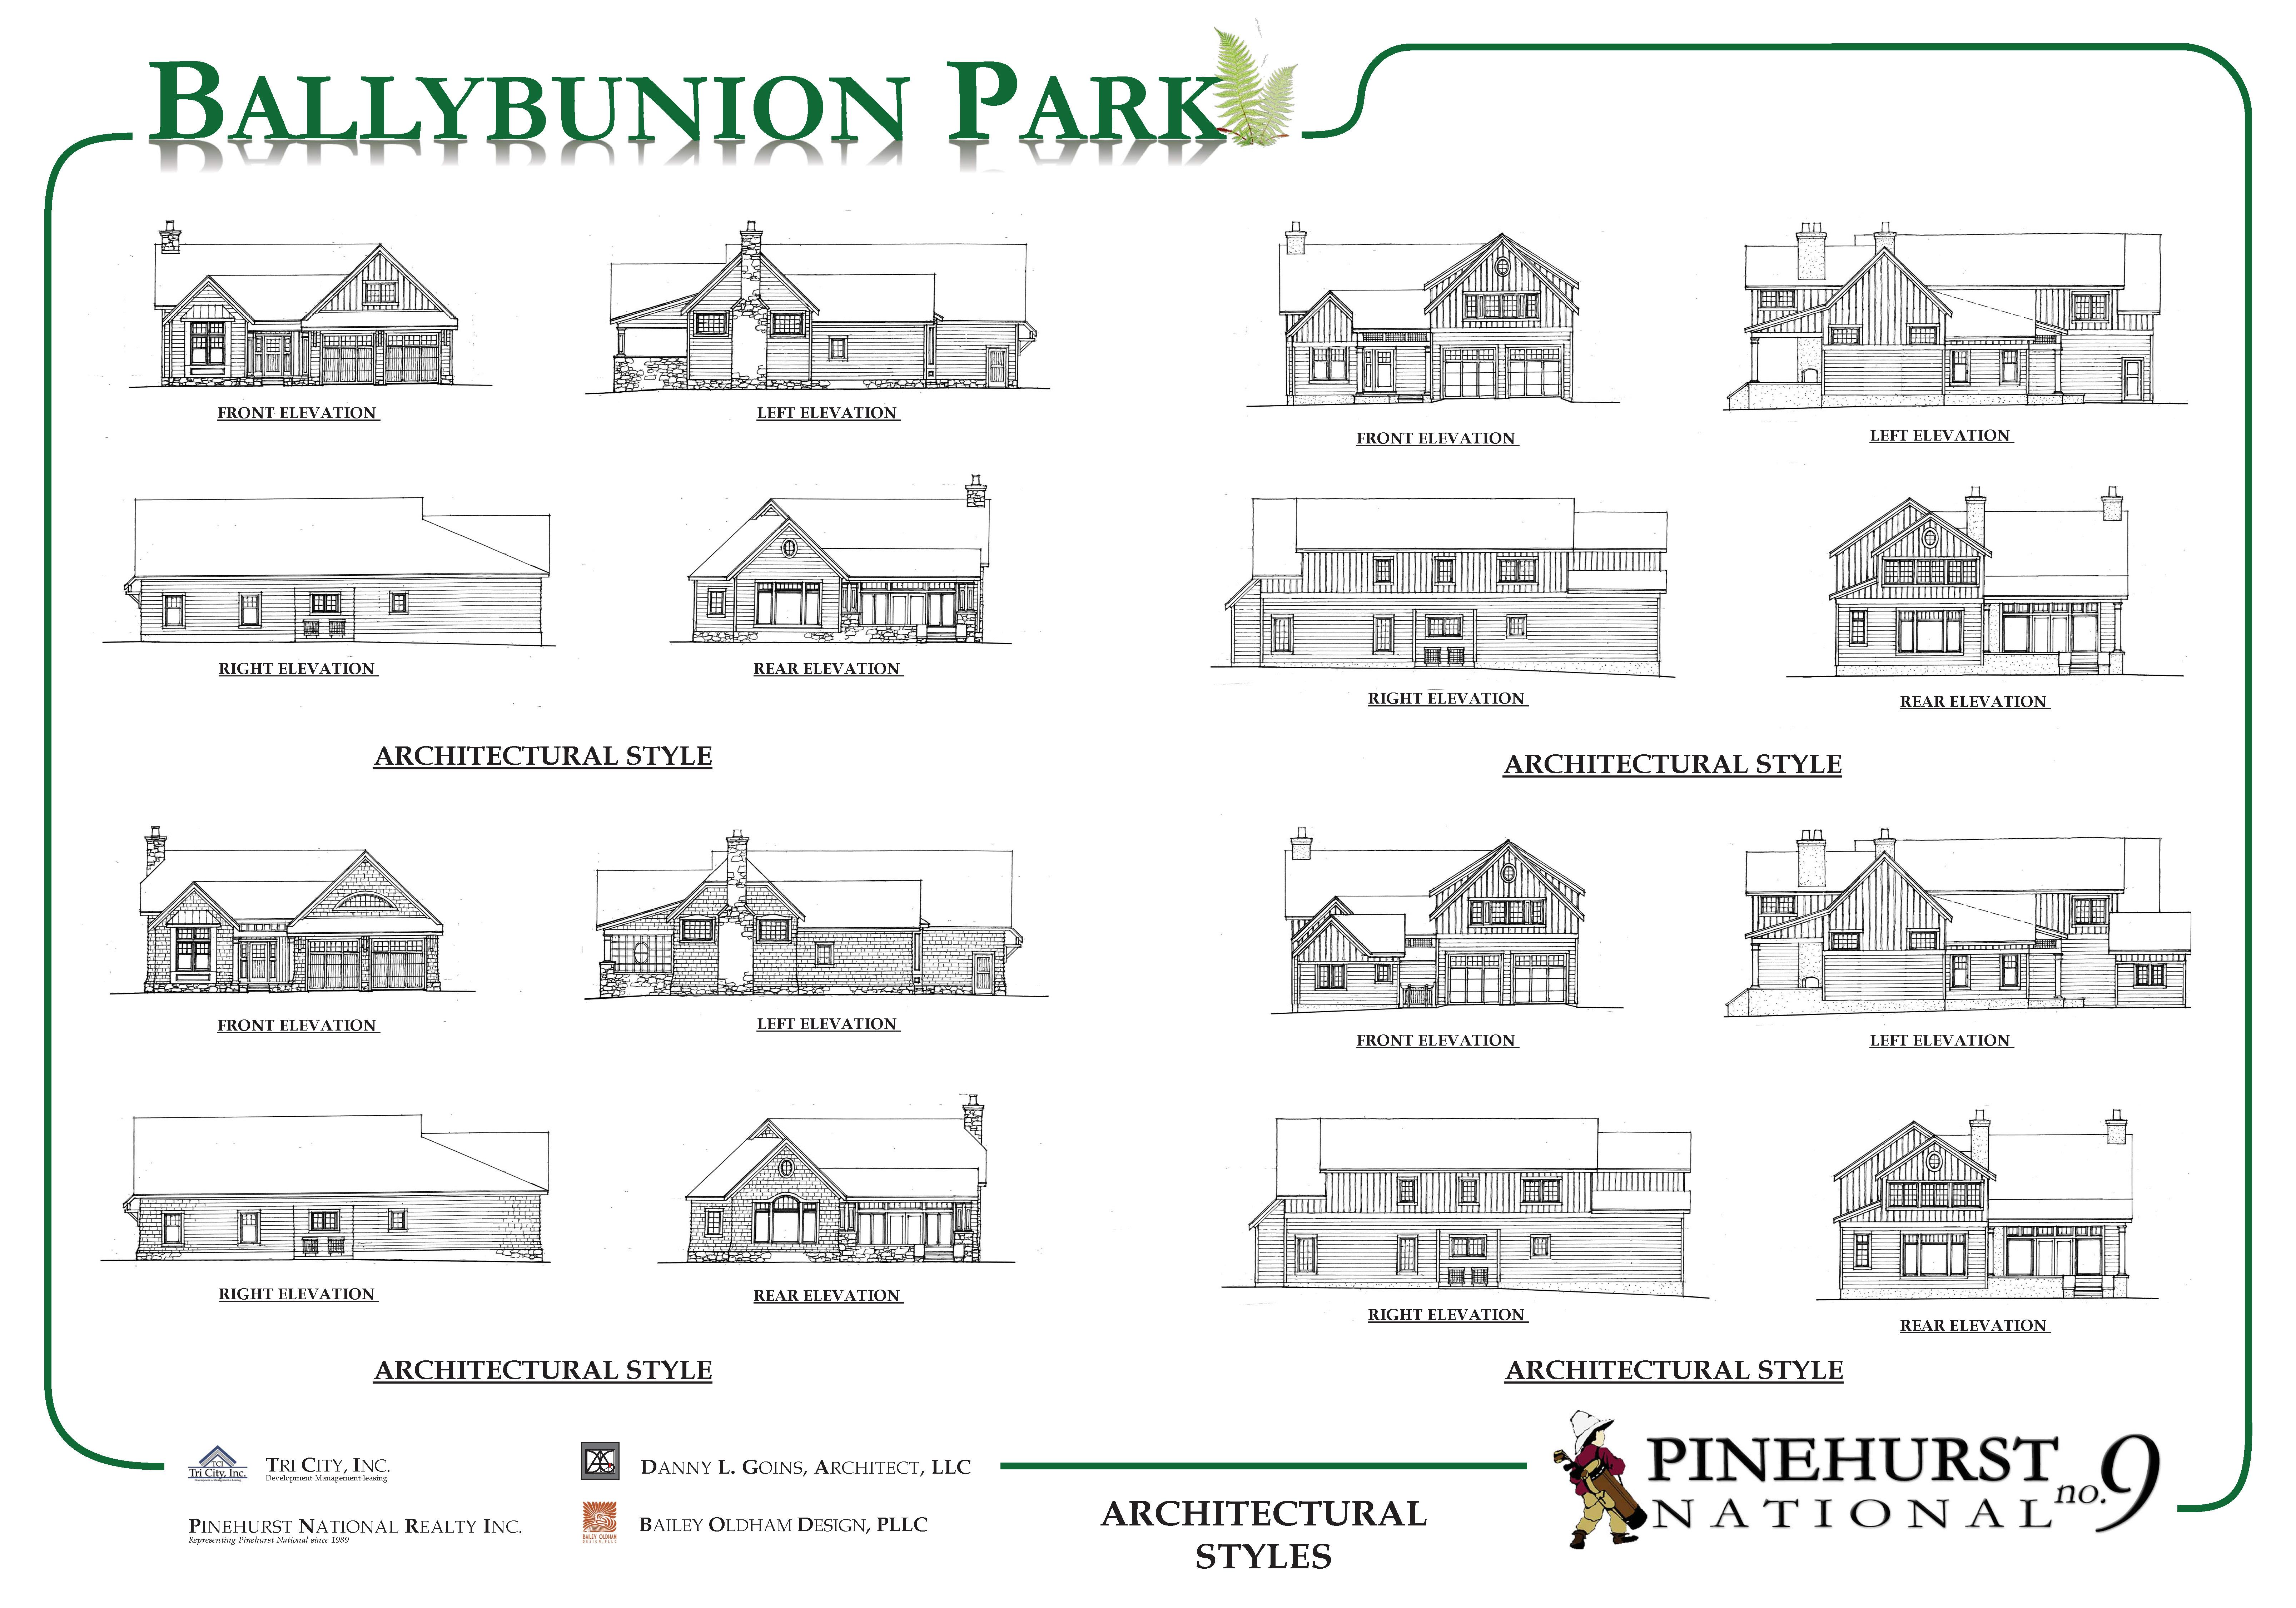 Ballybunion Binder_Page_11